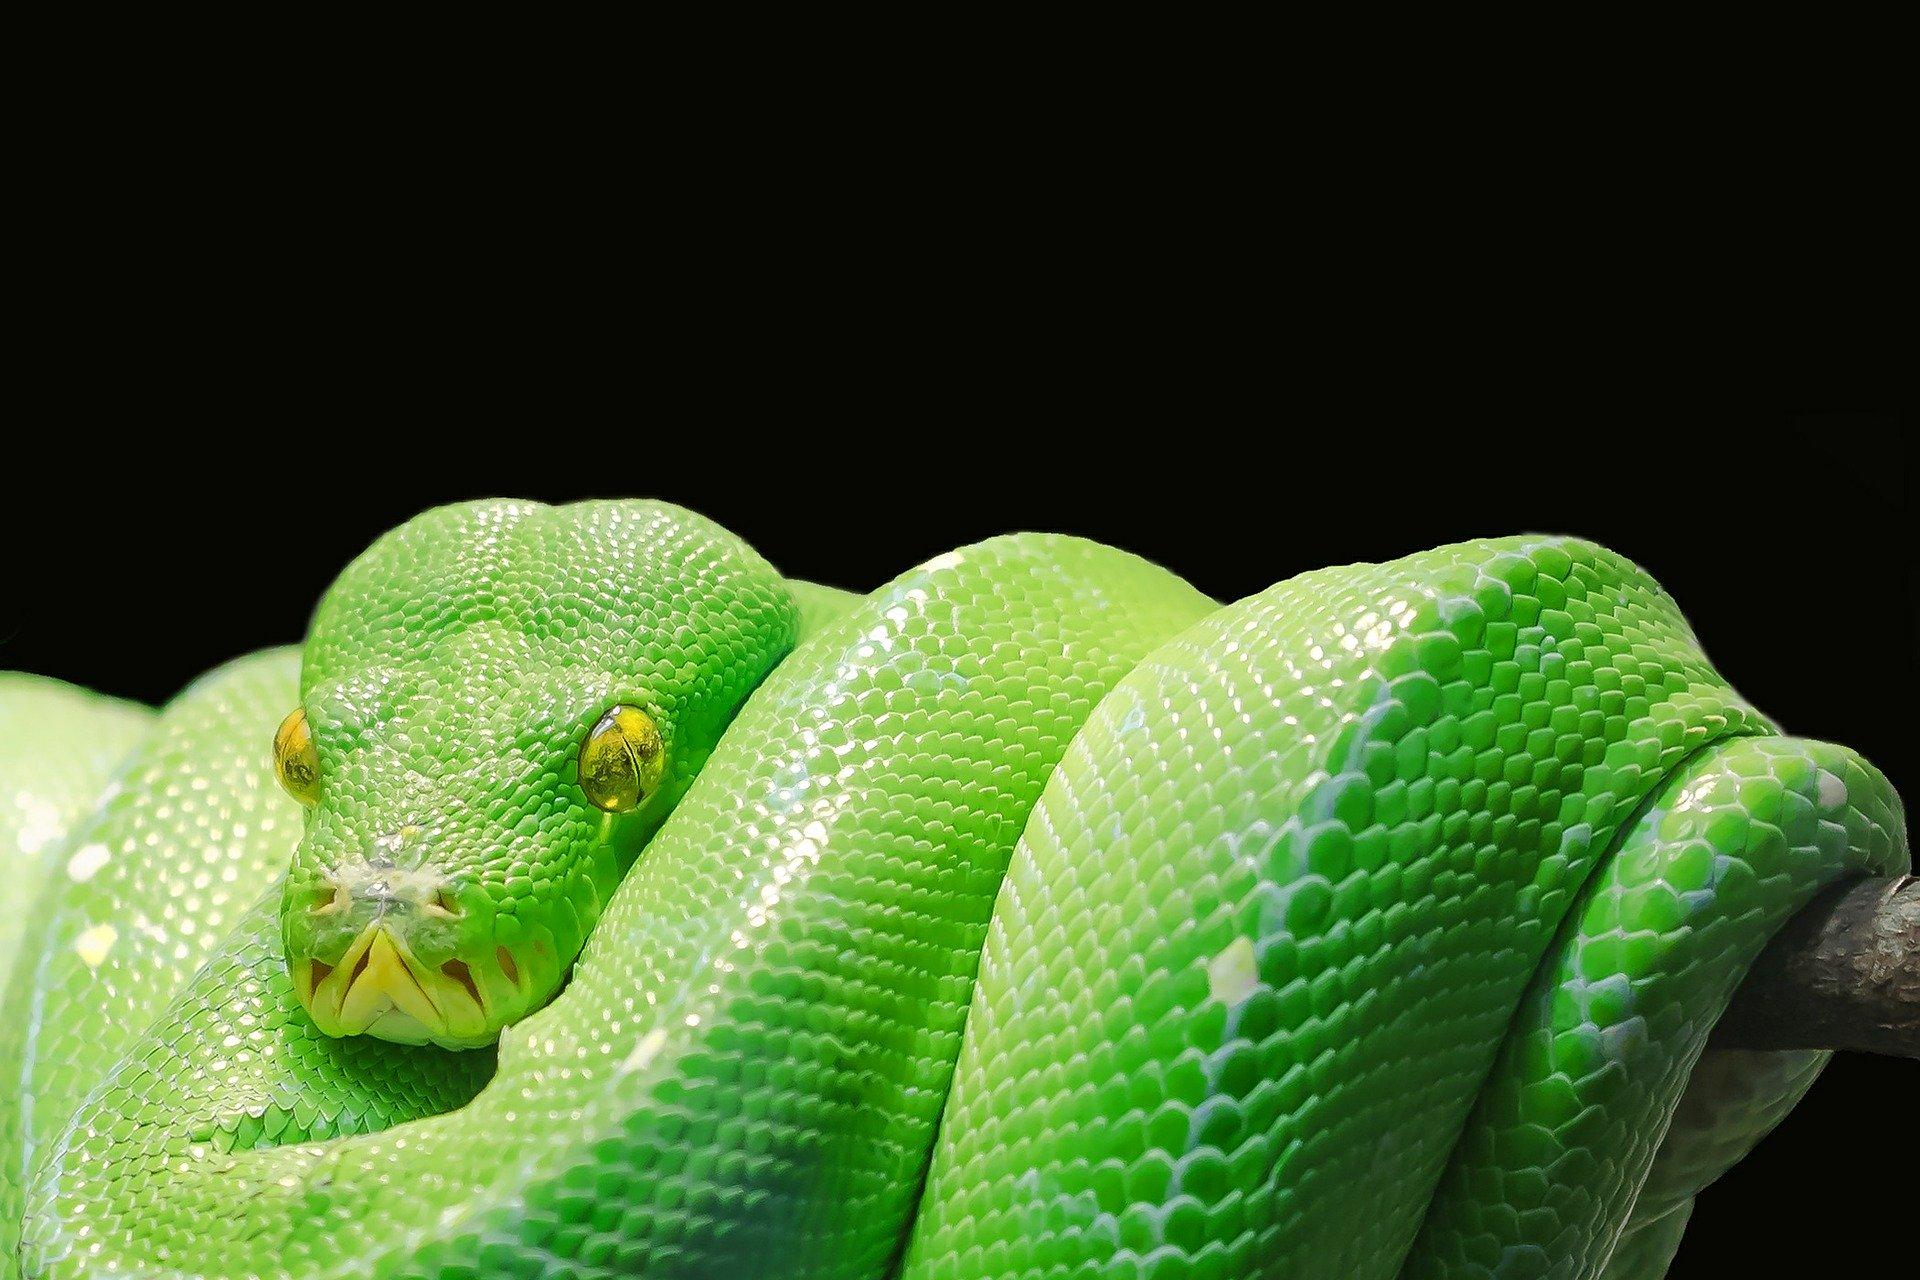 Frau findet 10-Fuß-Python in ihrem Weihnachtsbaum